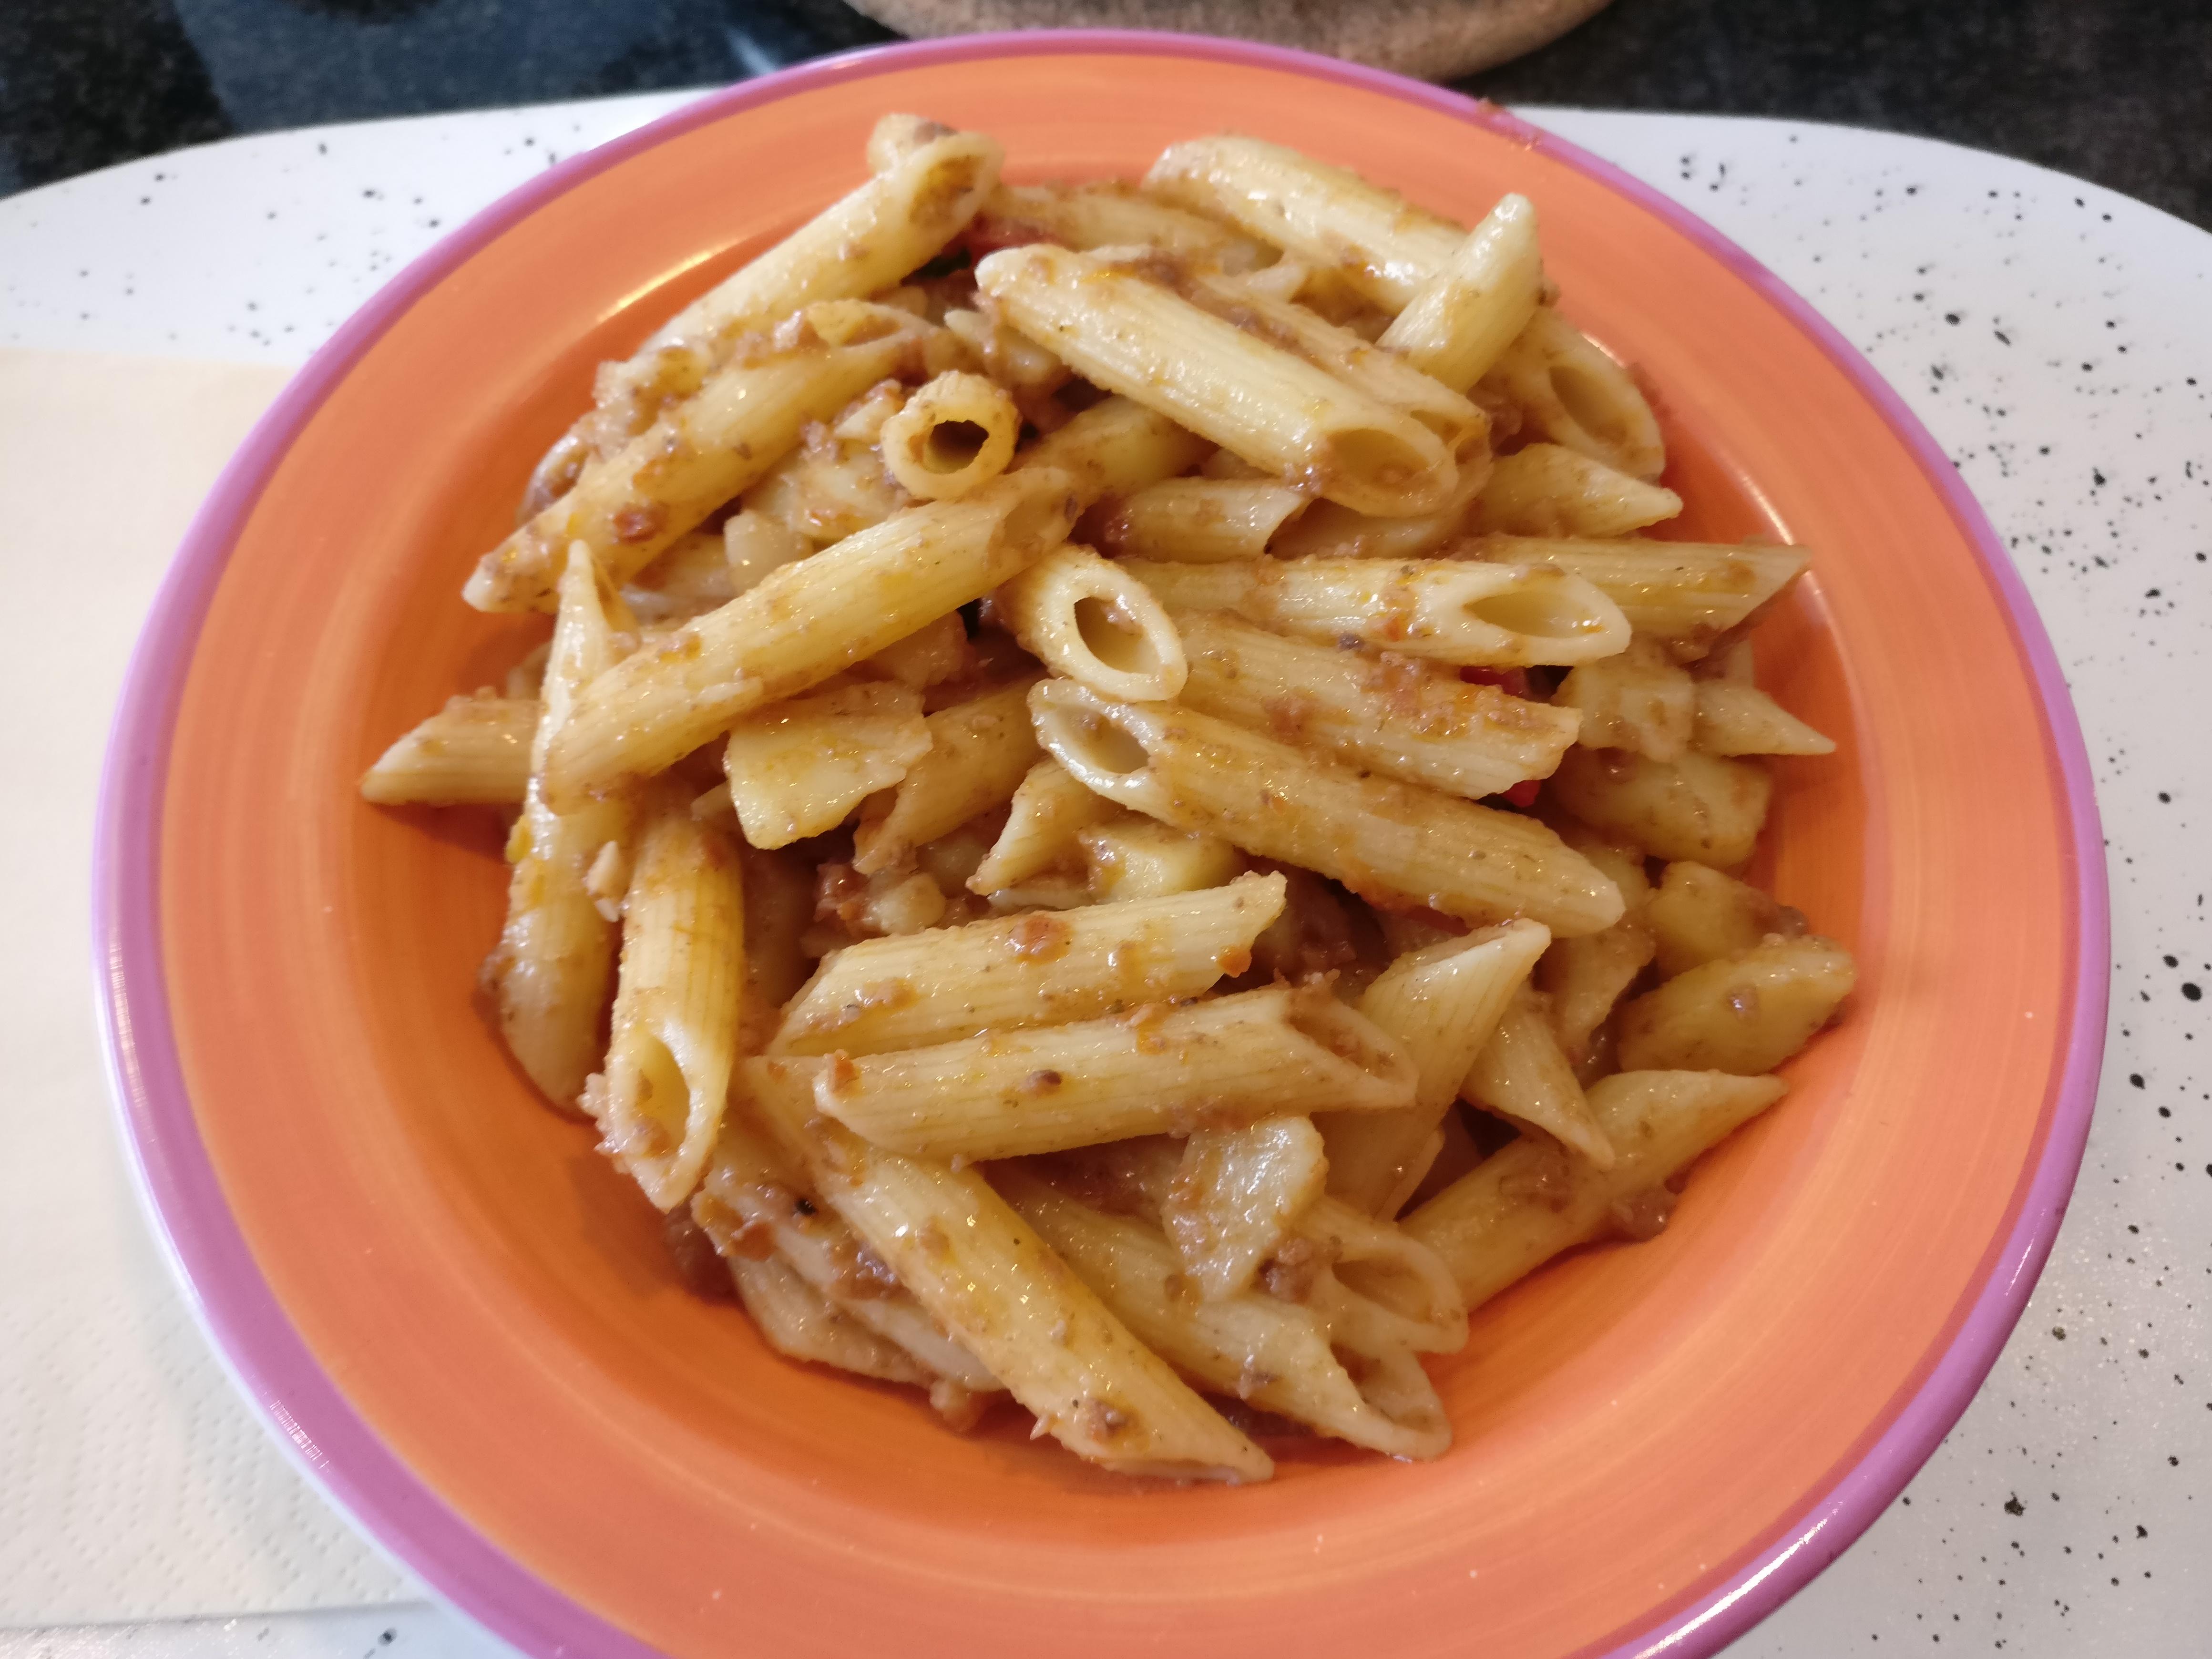 http://foodloader.net/nico_2017-04-15_penne-mit-kartoffeln-tomatensauce-und-wurst.jpg